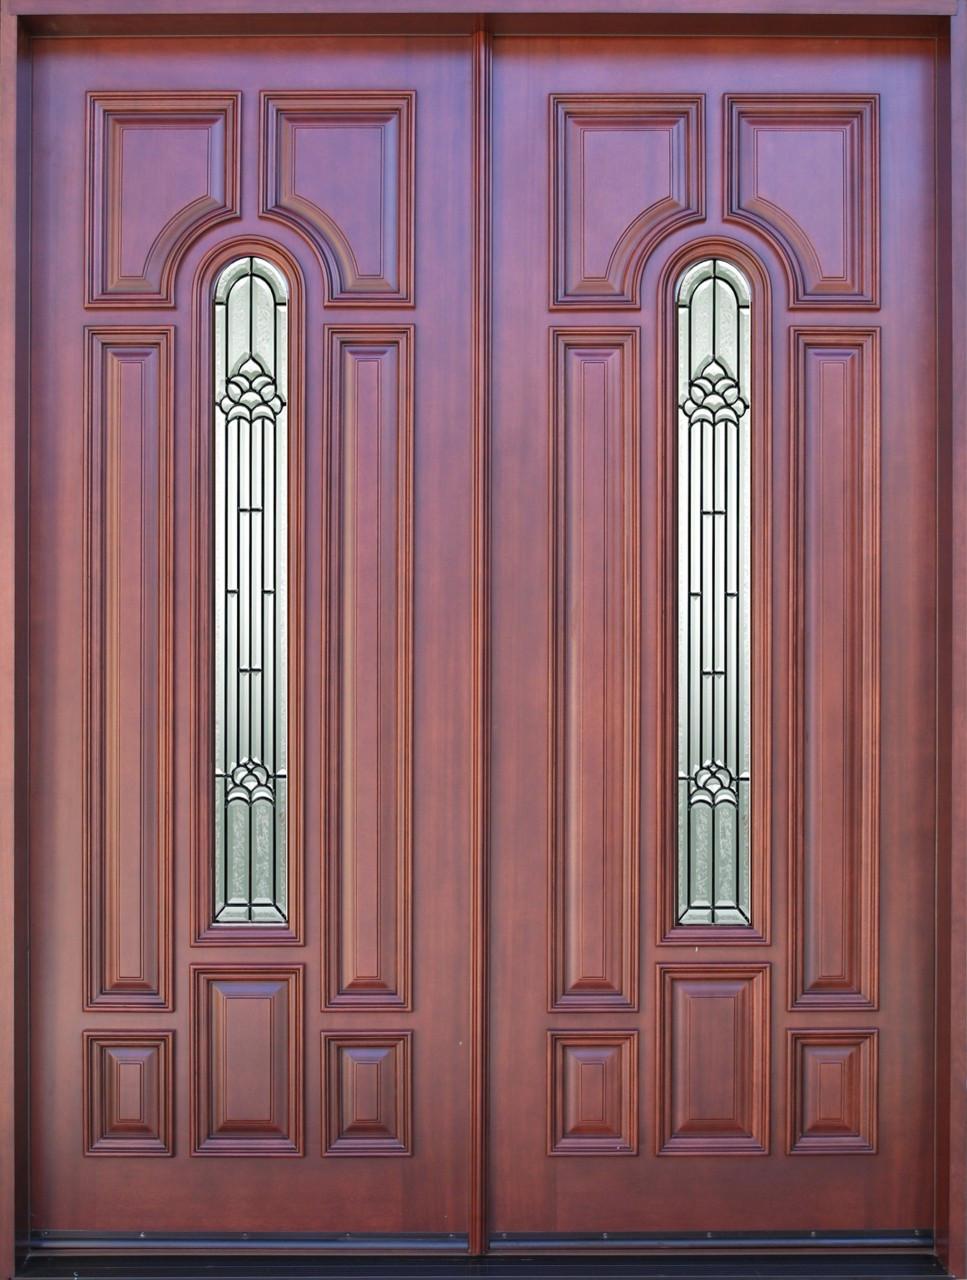 Discount Door Center Solid Wood Entry Doors Exterior Wood Doors Front Doors Wood Entry Doors Custom Doors Custom Interior Doors Custom Exterior Doors Mahogany Wood Doors Mahogany Entry Doors Rustic Doors Arch